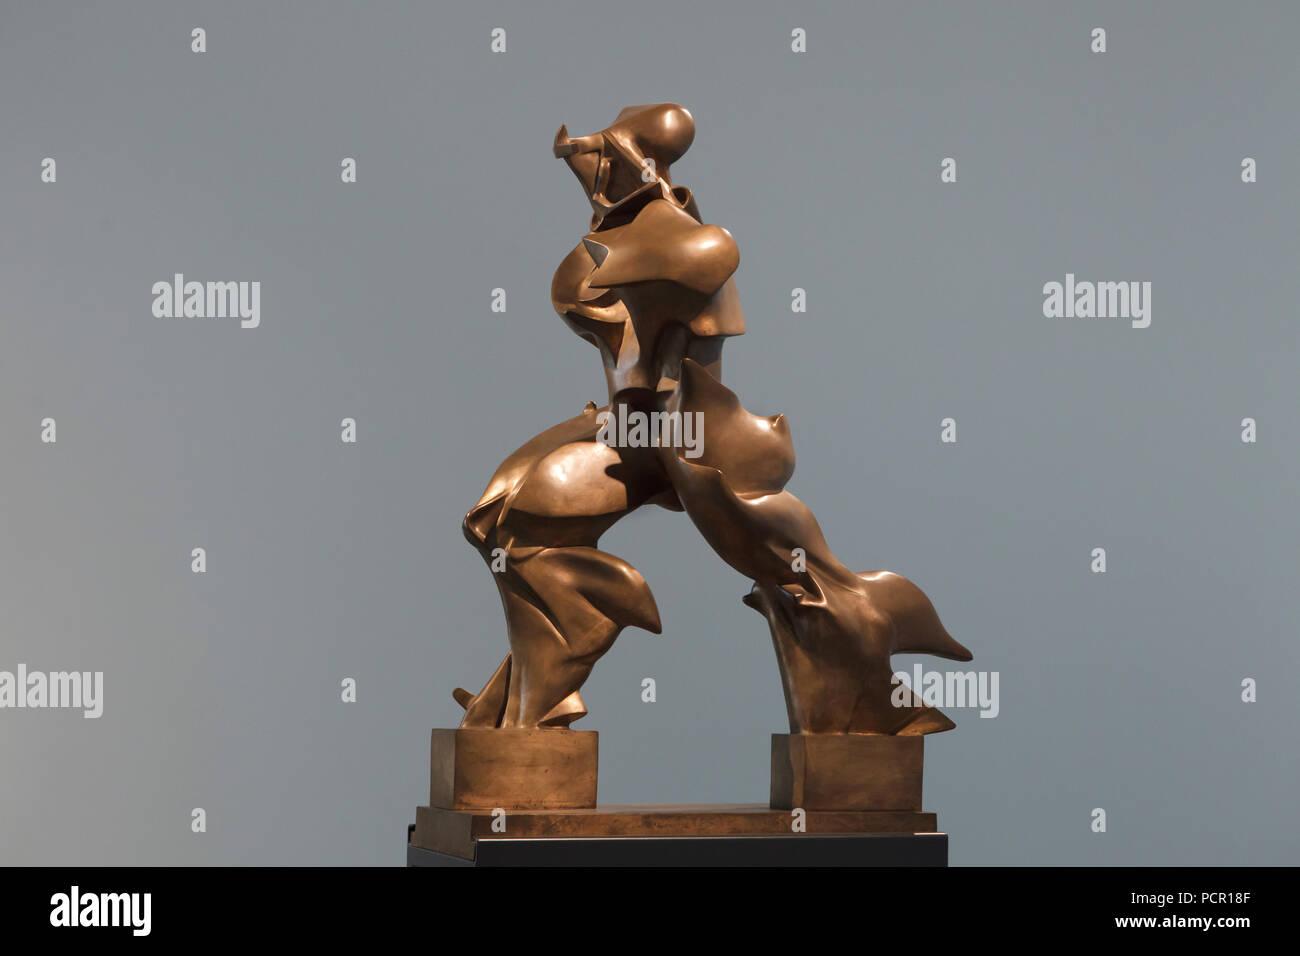 """Statua in bronzo """"Forme uniche di continuità nello spazio' dagli italiani artista futurista Umberto Boccioni (1913) sul display nella Kunsthalle di Mannheim in Mannheim, Baden-Württemberg, Germania. Immagini Stock"""